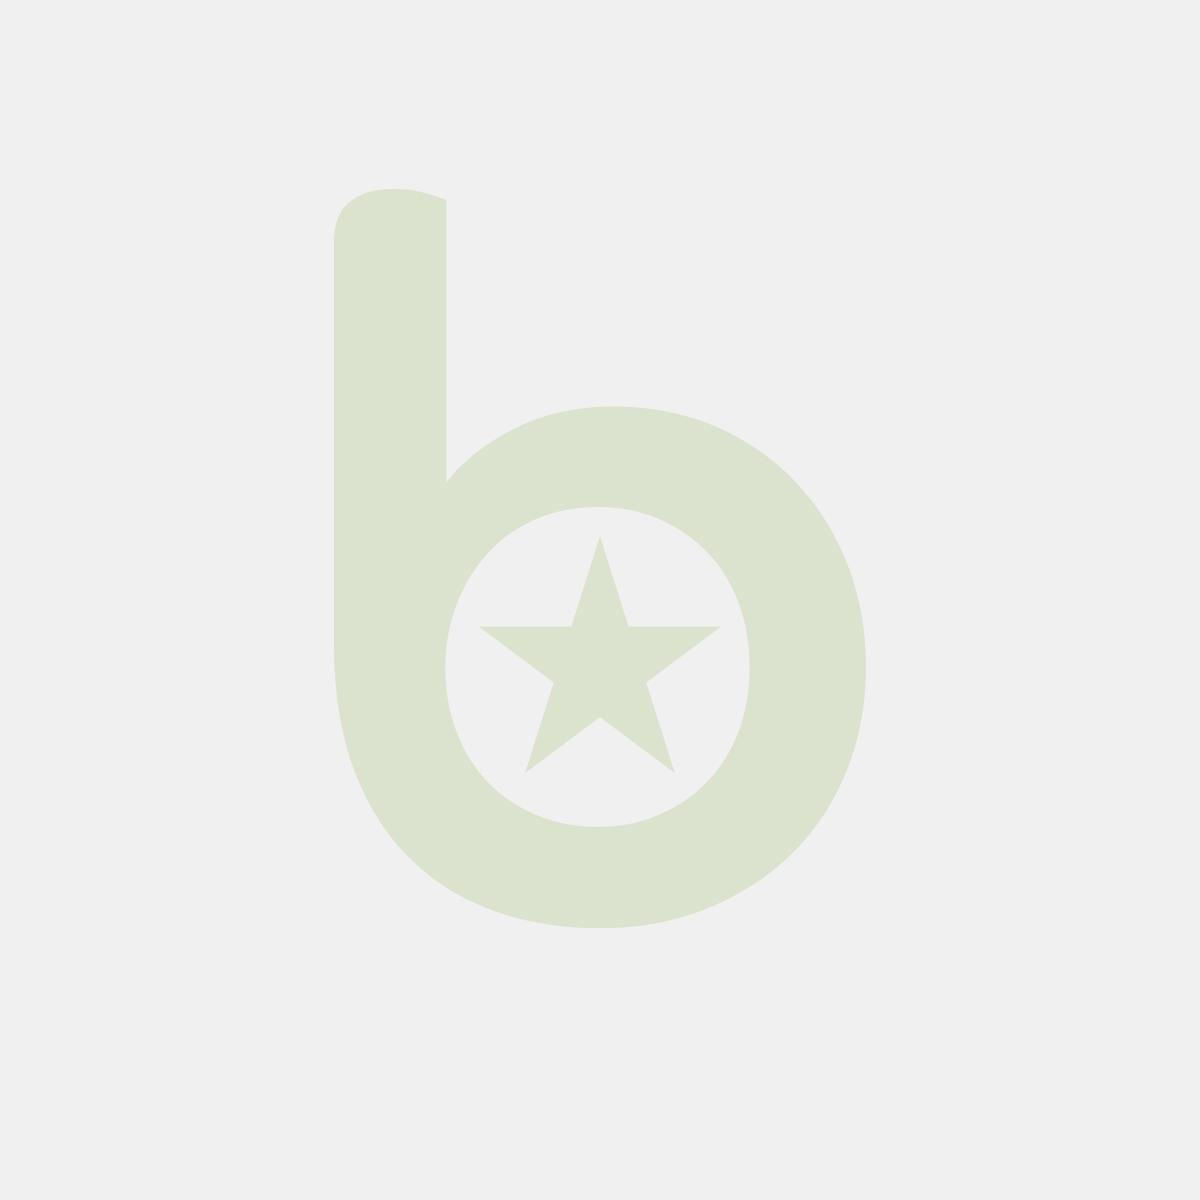 Pojemnik prostokątny bezbarwny KP-807 500ml PP, cena za opakowanie 100szt